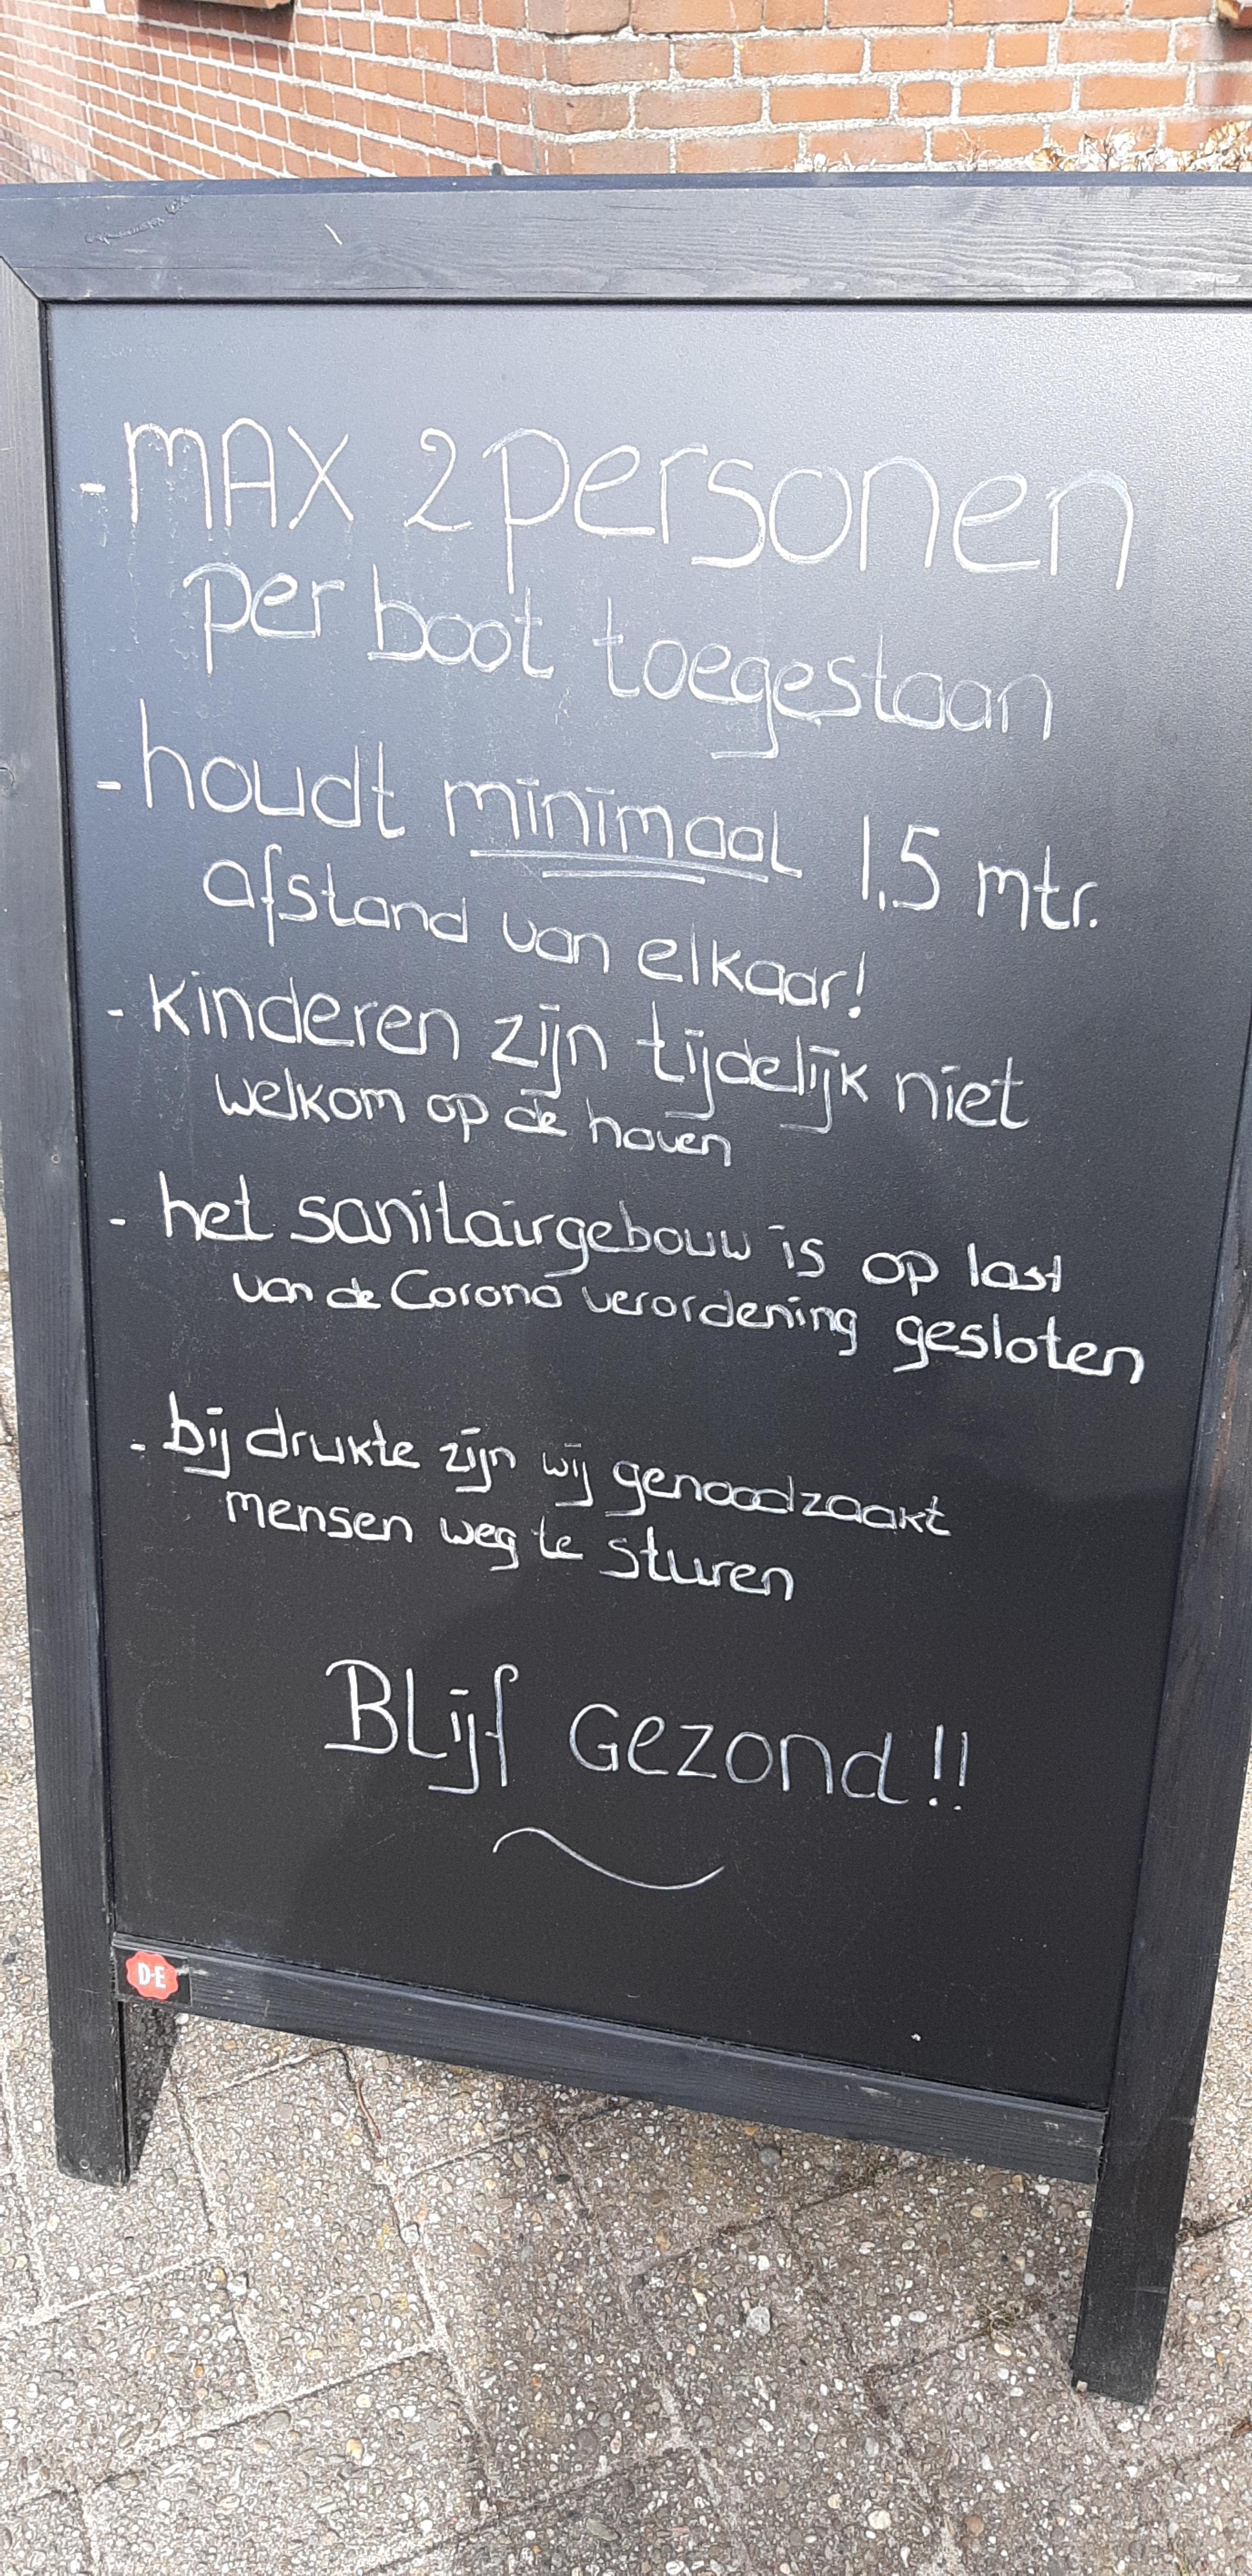 Drukte op water in Haarlem verwacht: 'Houd ook in de boot 1,5 meter afstand'